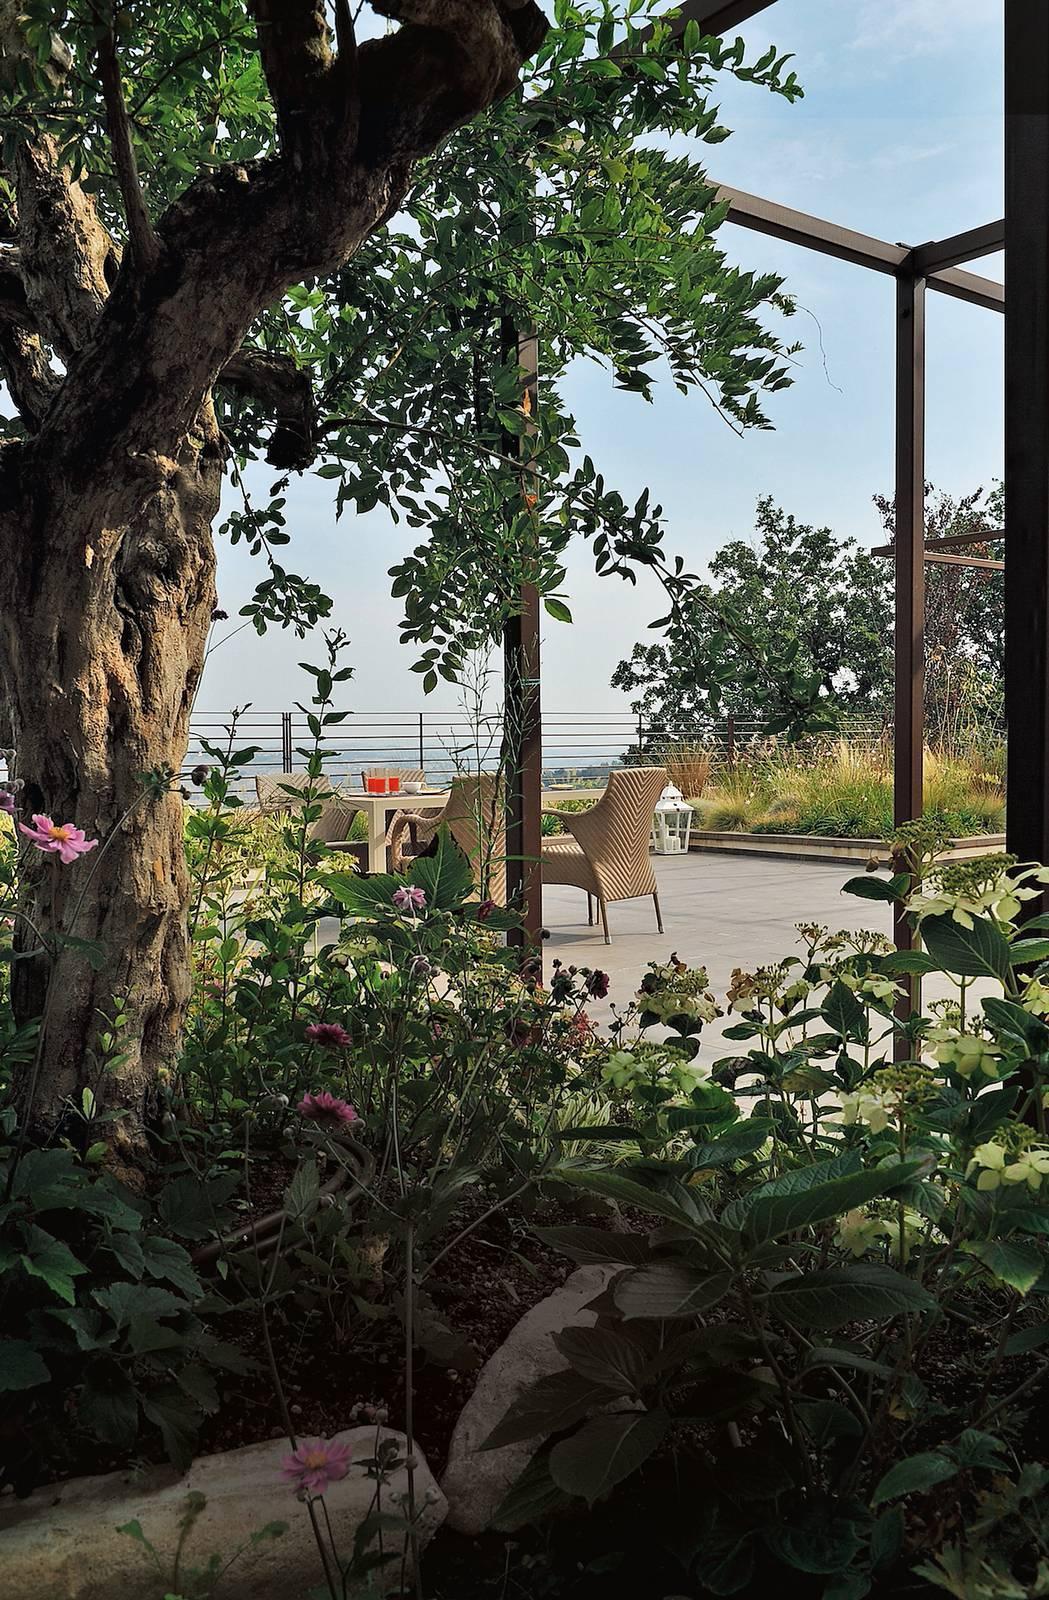 Manutenzione Giardini Milano E Provincia giardino sul tetto: i vantaggi di avere piante e prato in